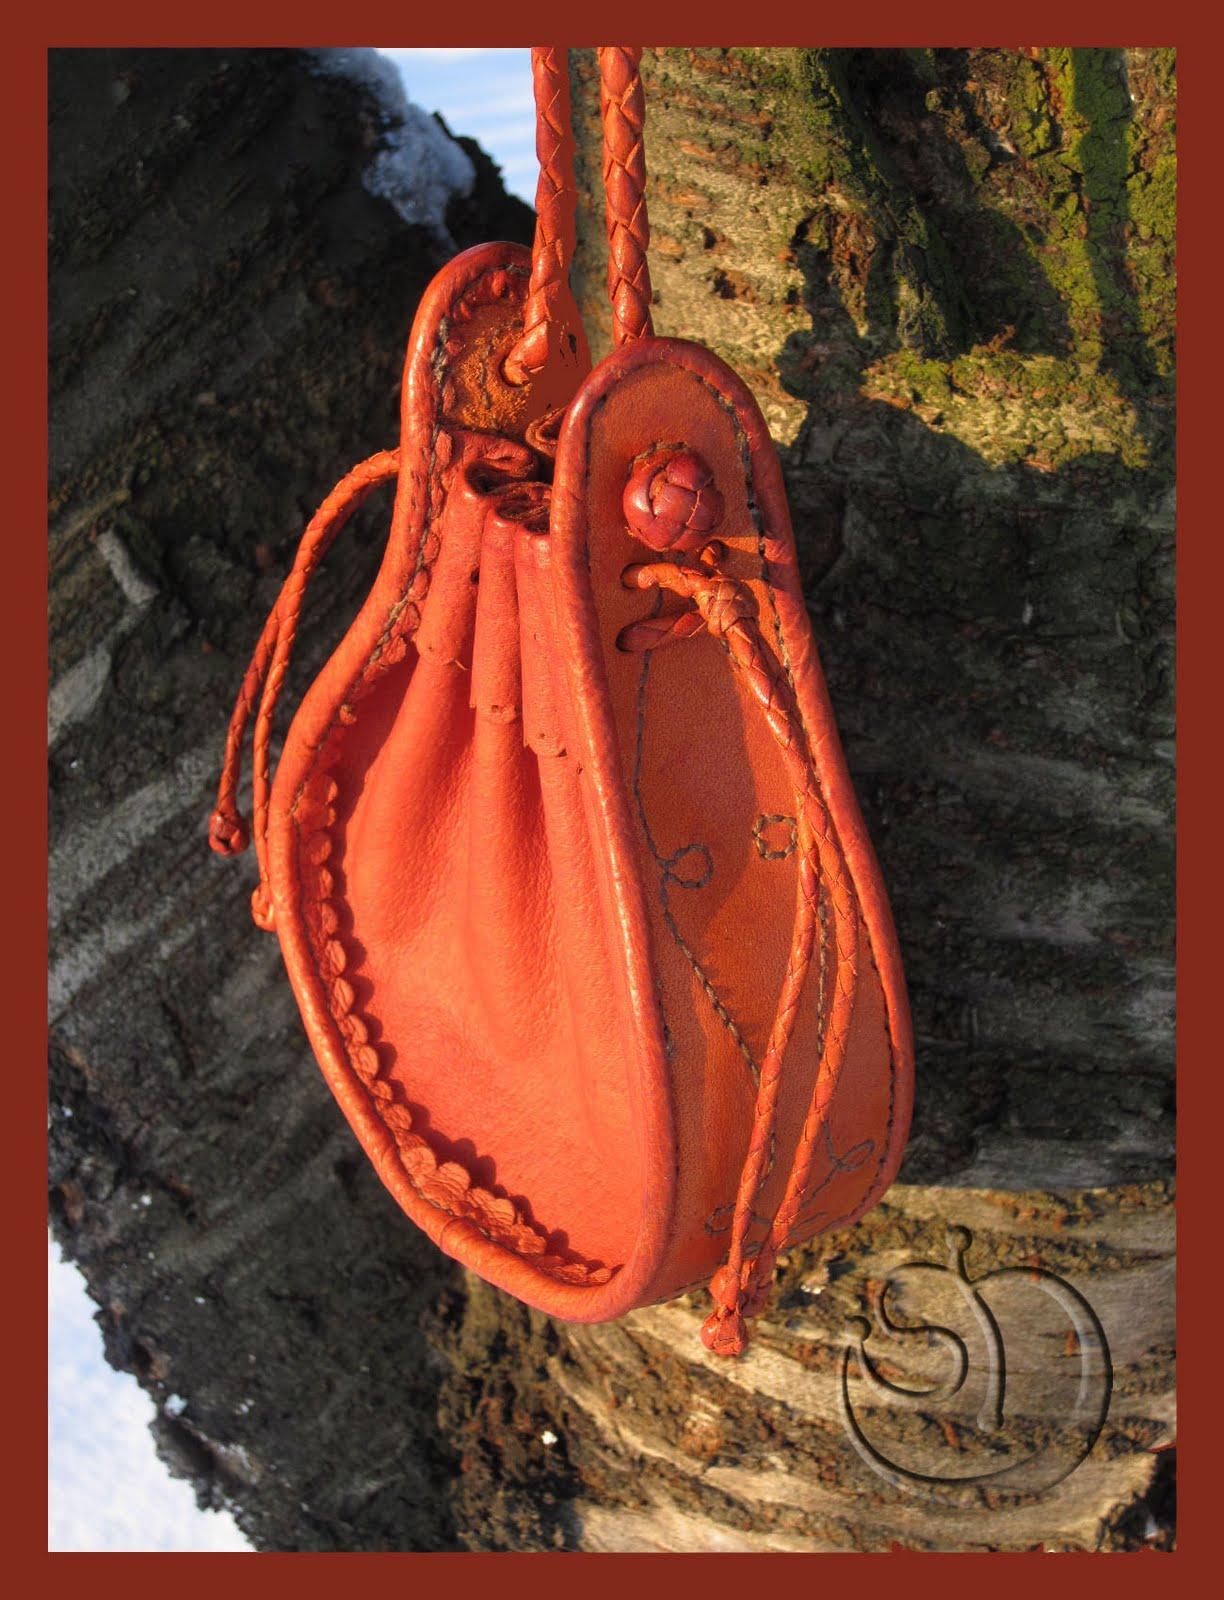 Dalma Leather Art  Vállra akasztható bőrerszény Long-strapped ... 5729130fa9